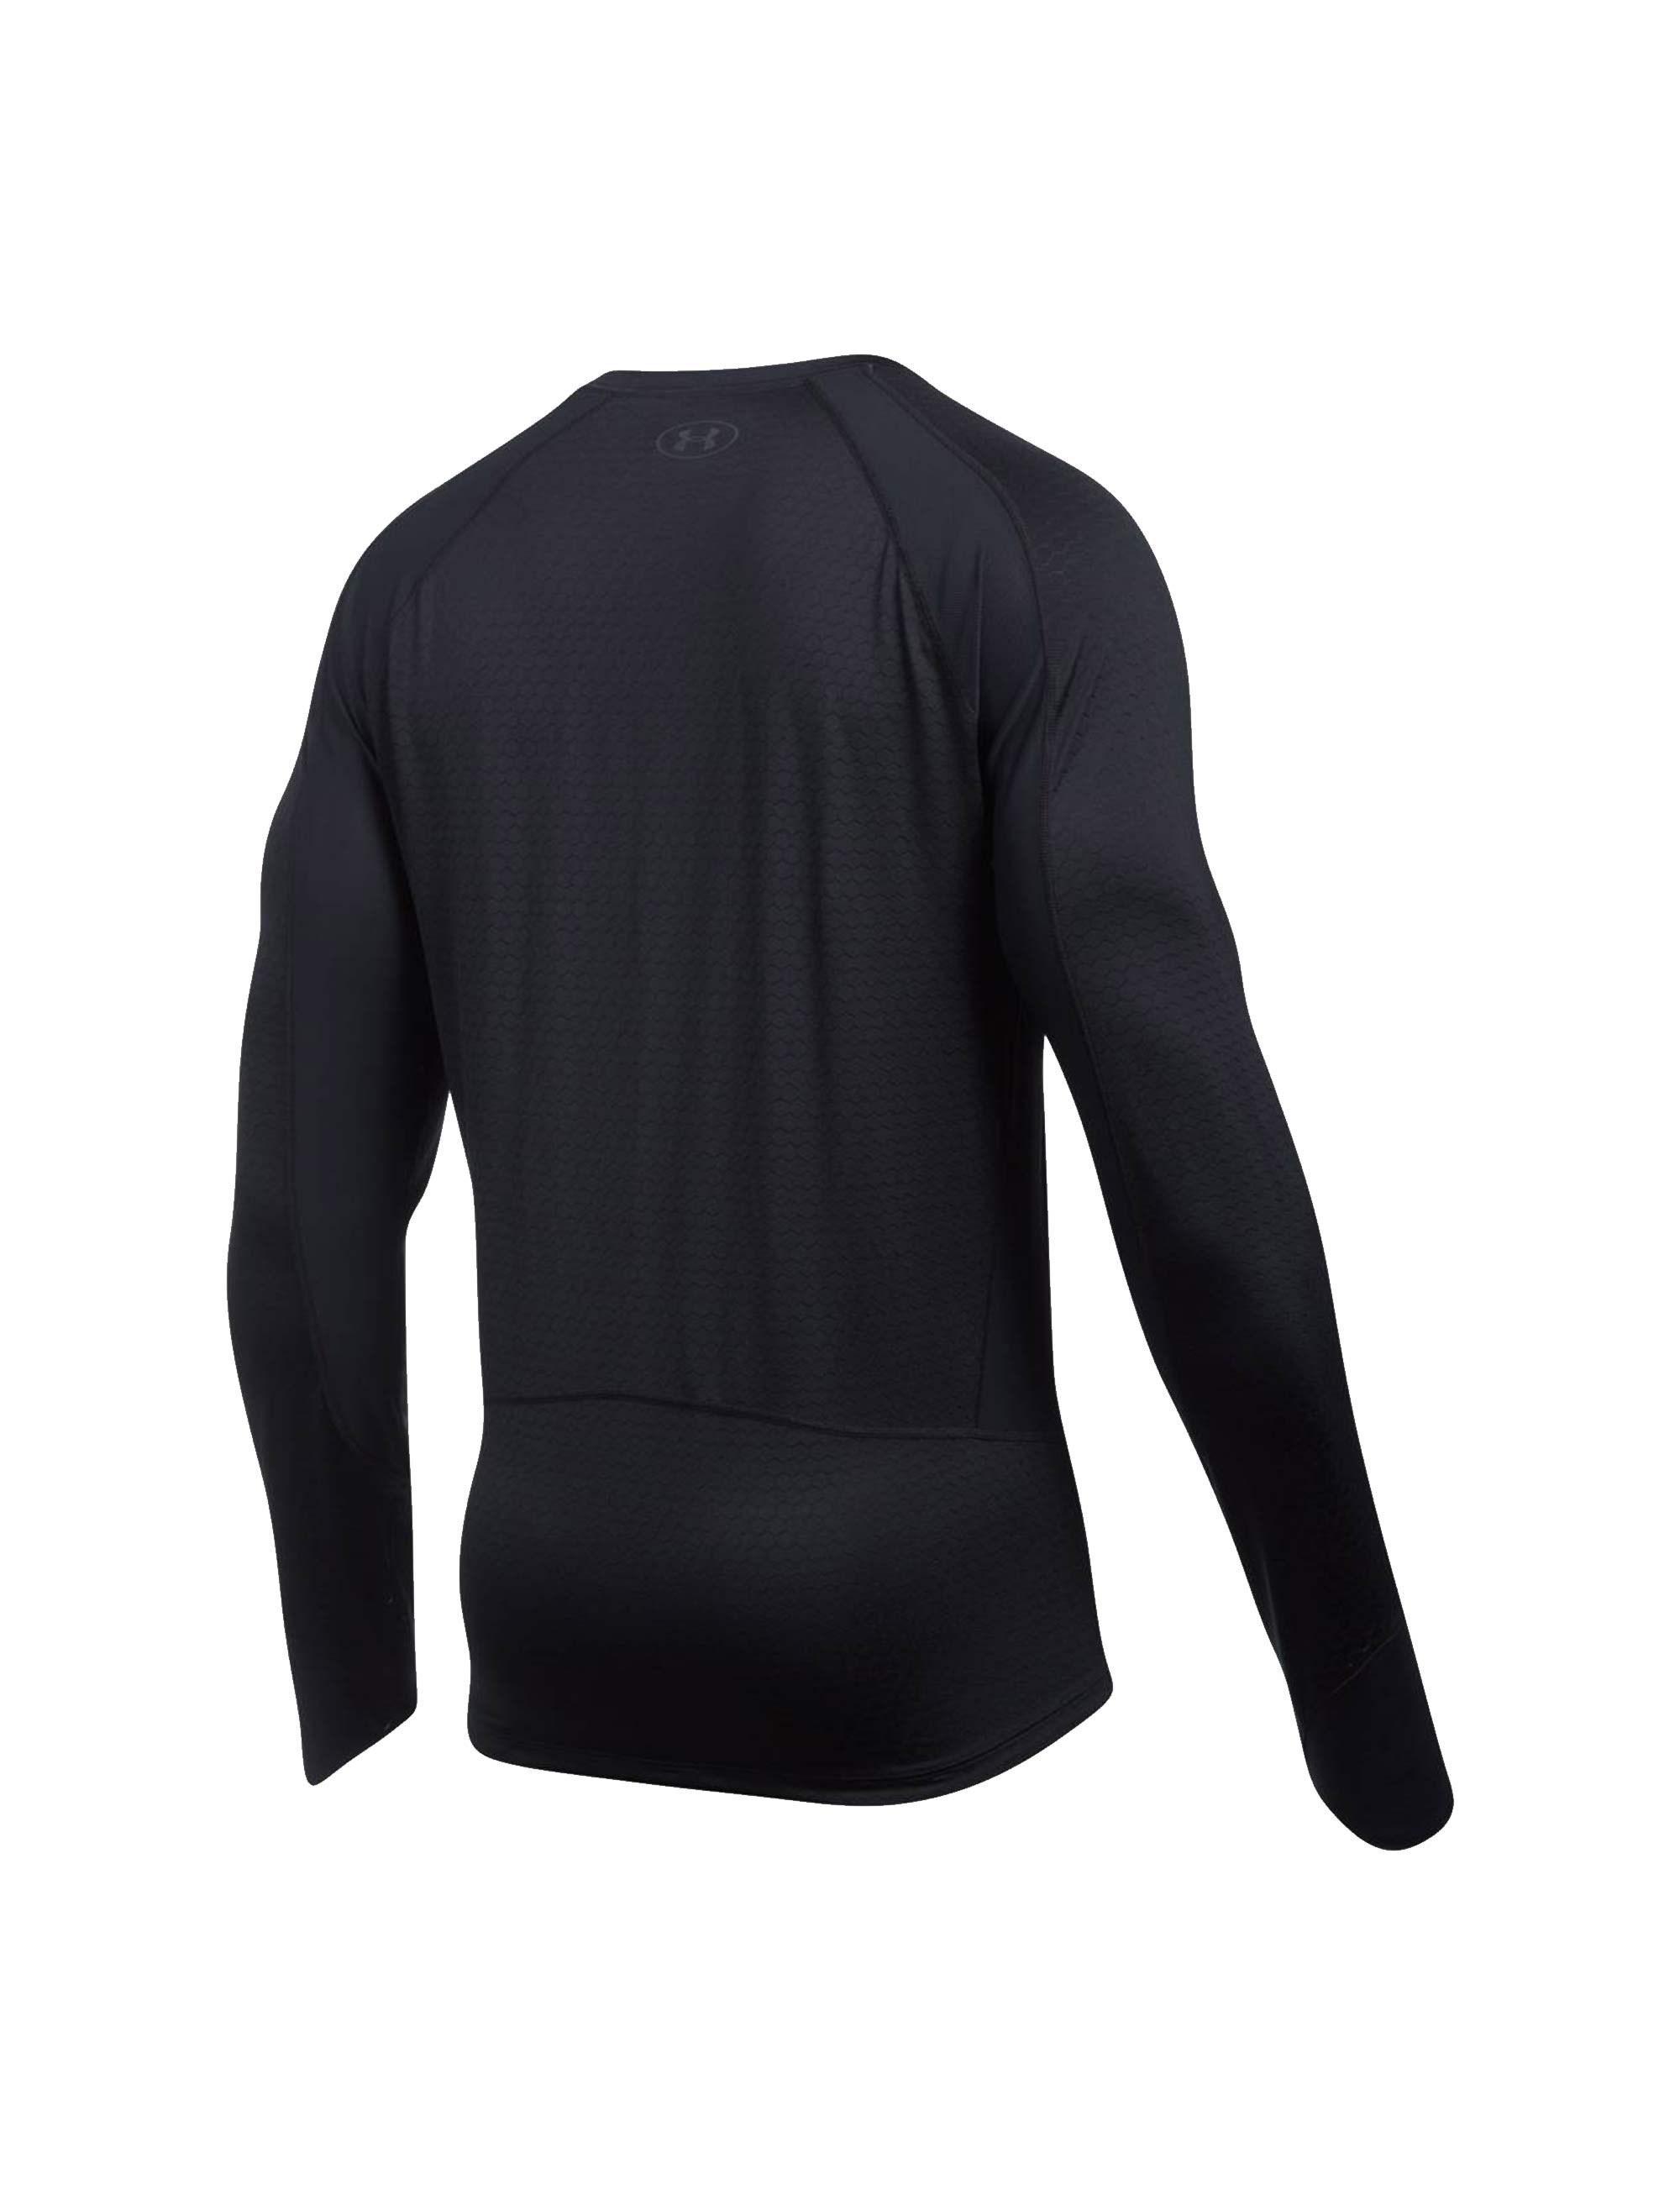 تی شرت ورزشی آستین بلند مردانه HexDelta - مشکي - 2